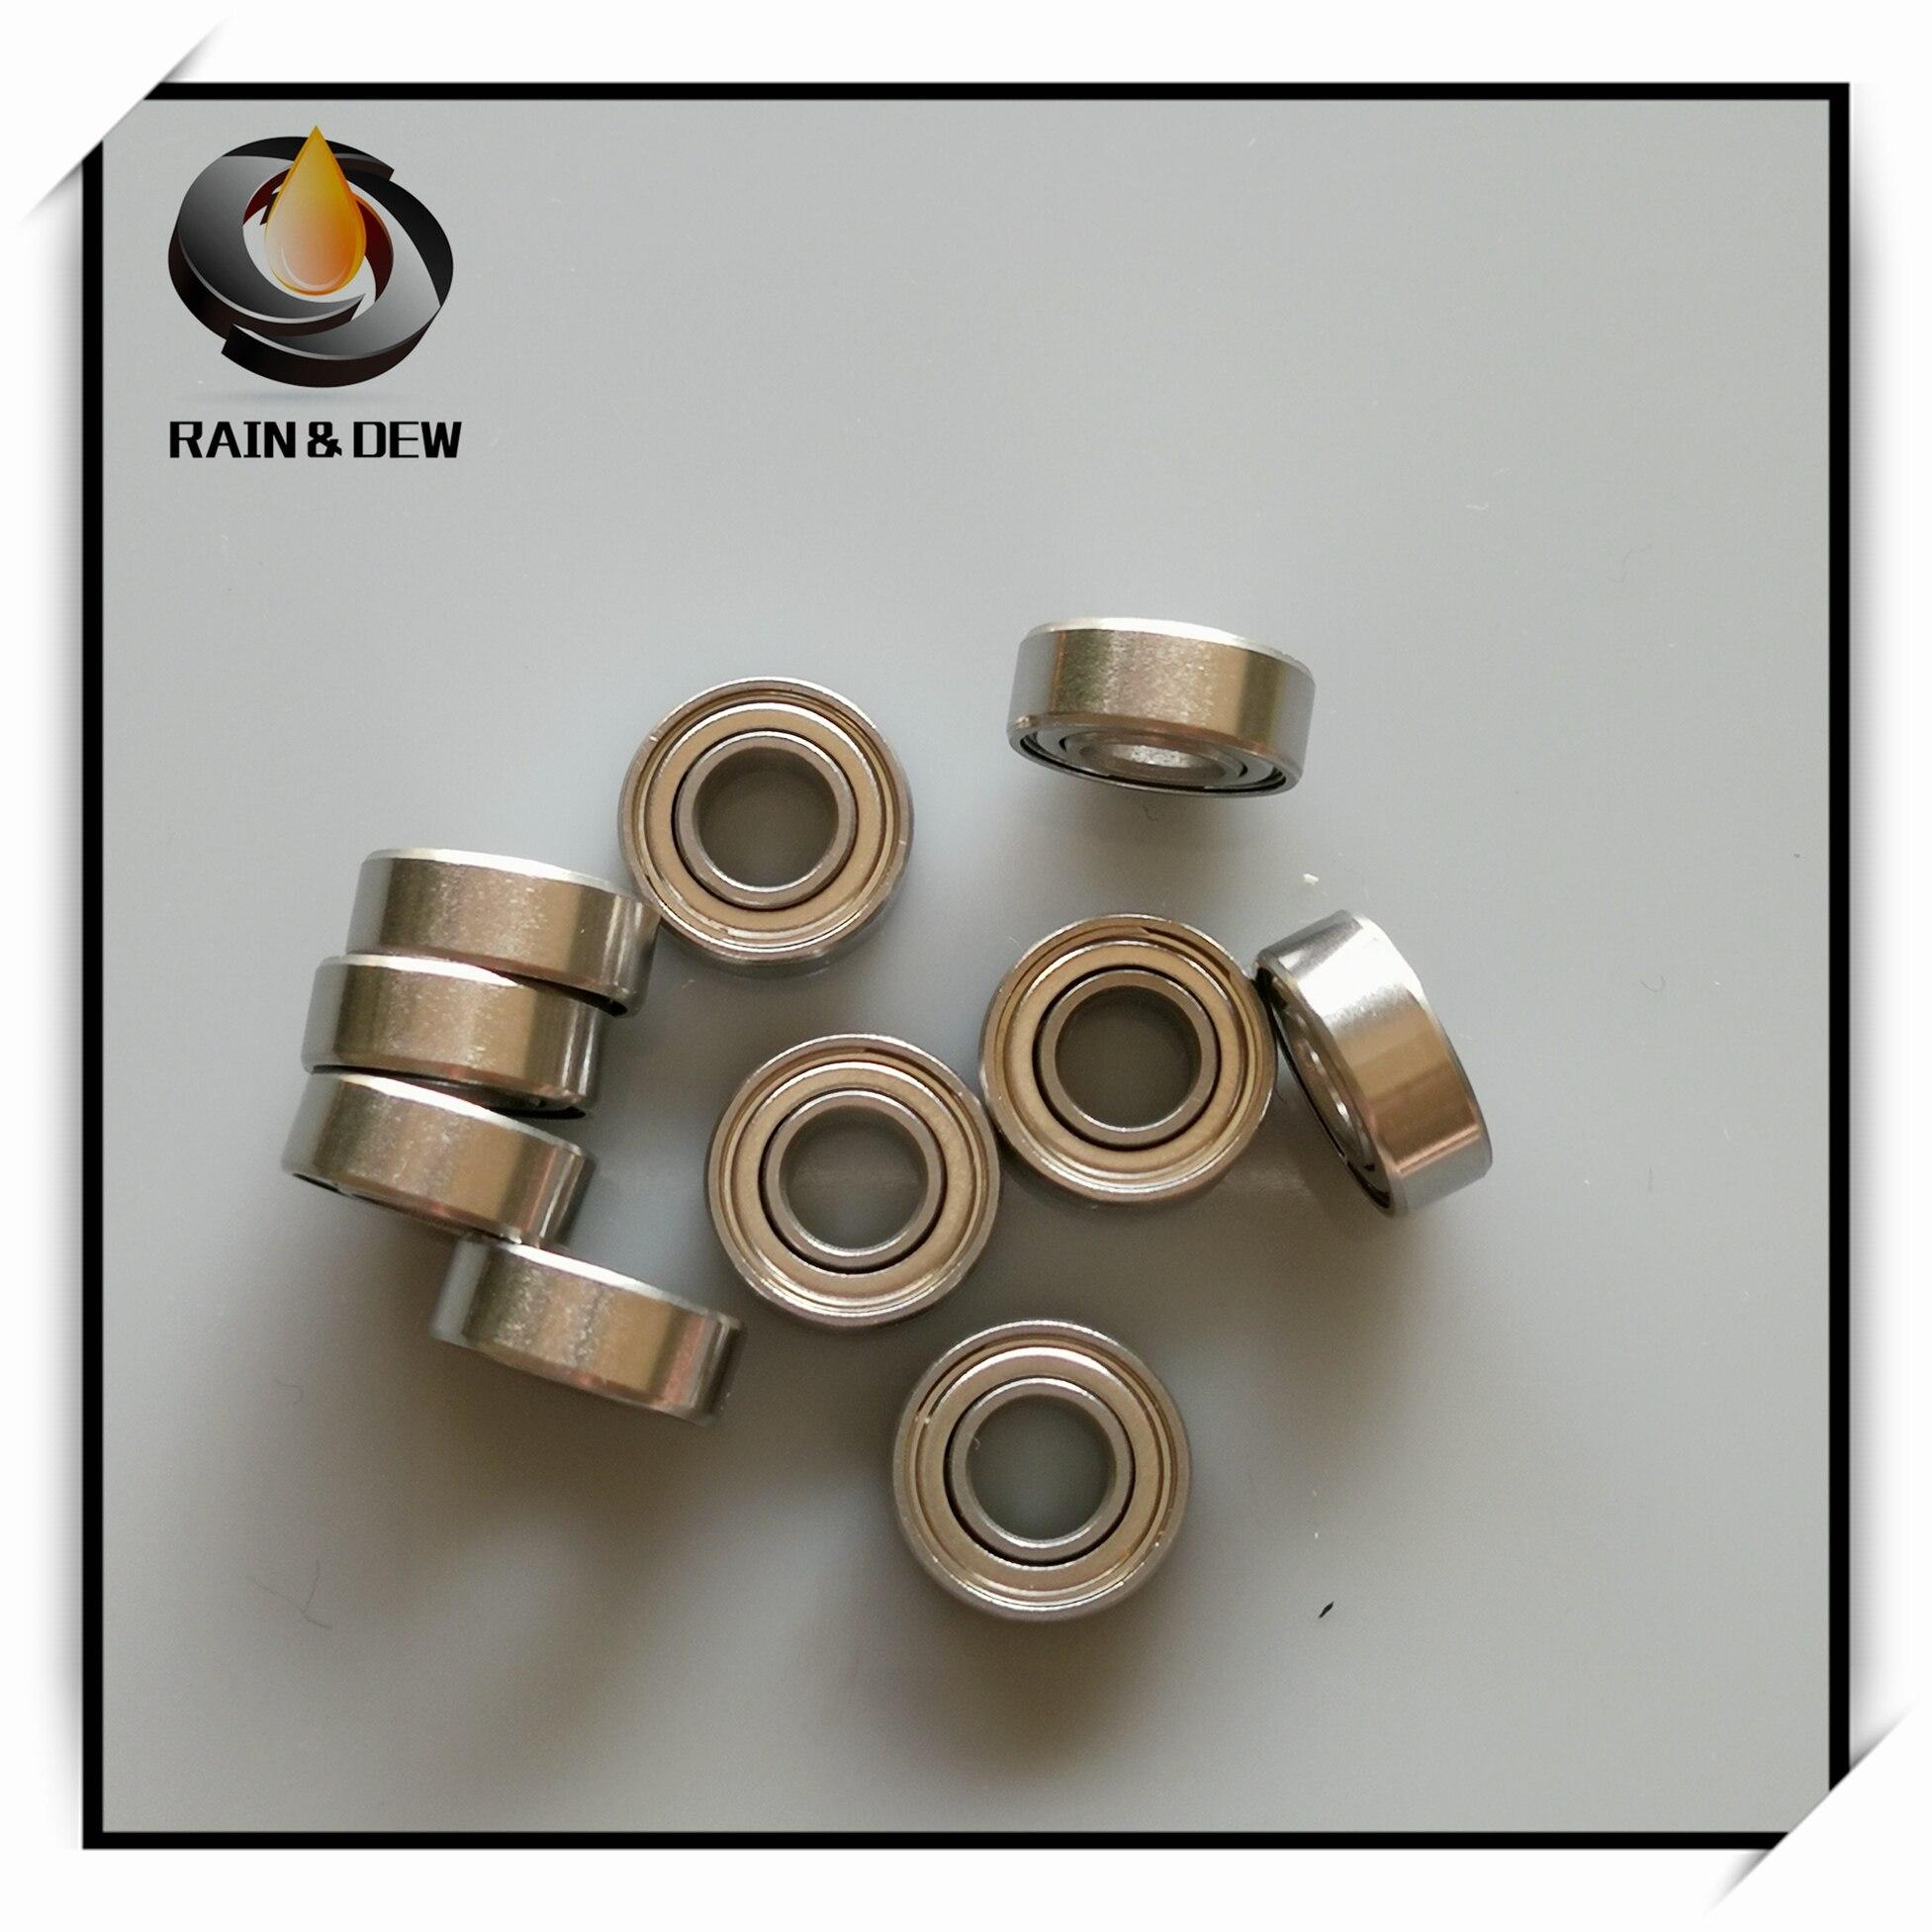 1Pcs  SMR148ZZ CB ABEC7 8X14X4 Mm MR148 Stainless Steel Hybrid Ceramic Ball Bearing  RC Hobby Bearings